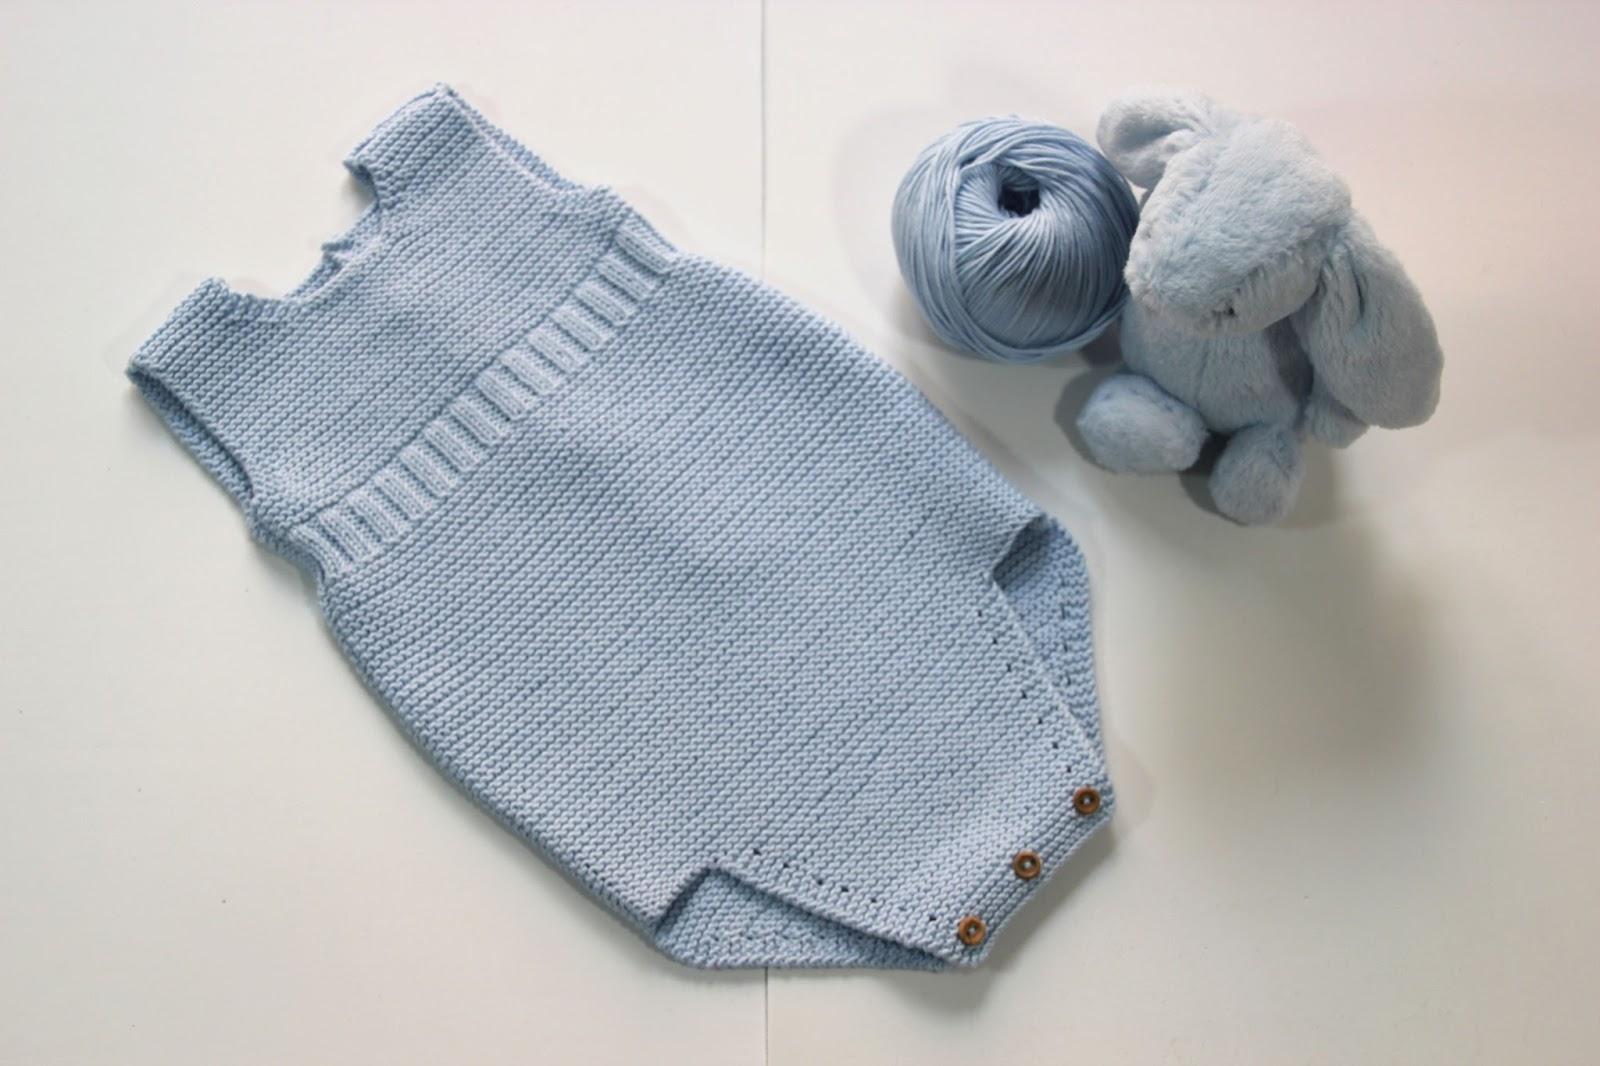 Tejer pele de bebe diy patrones gratis oh mother mine diy - Tejer chaqueta bebe 6 meses ...